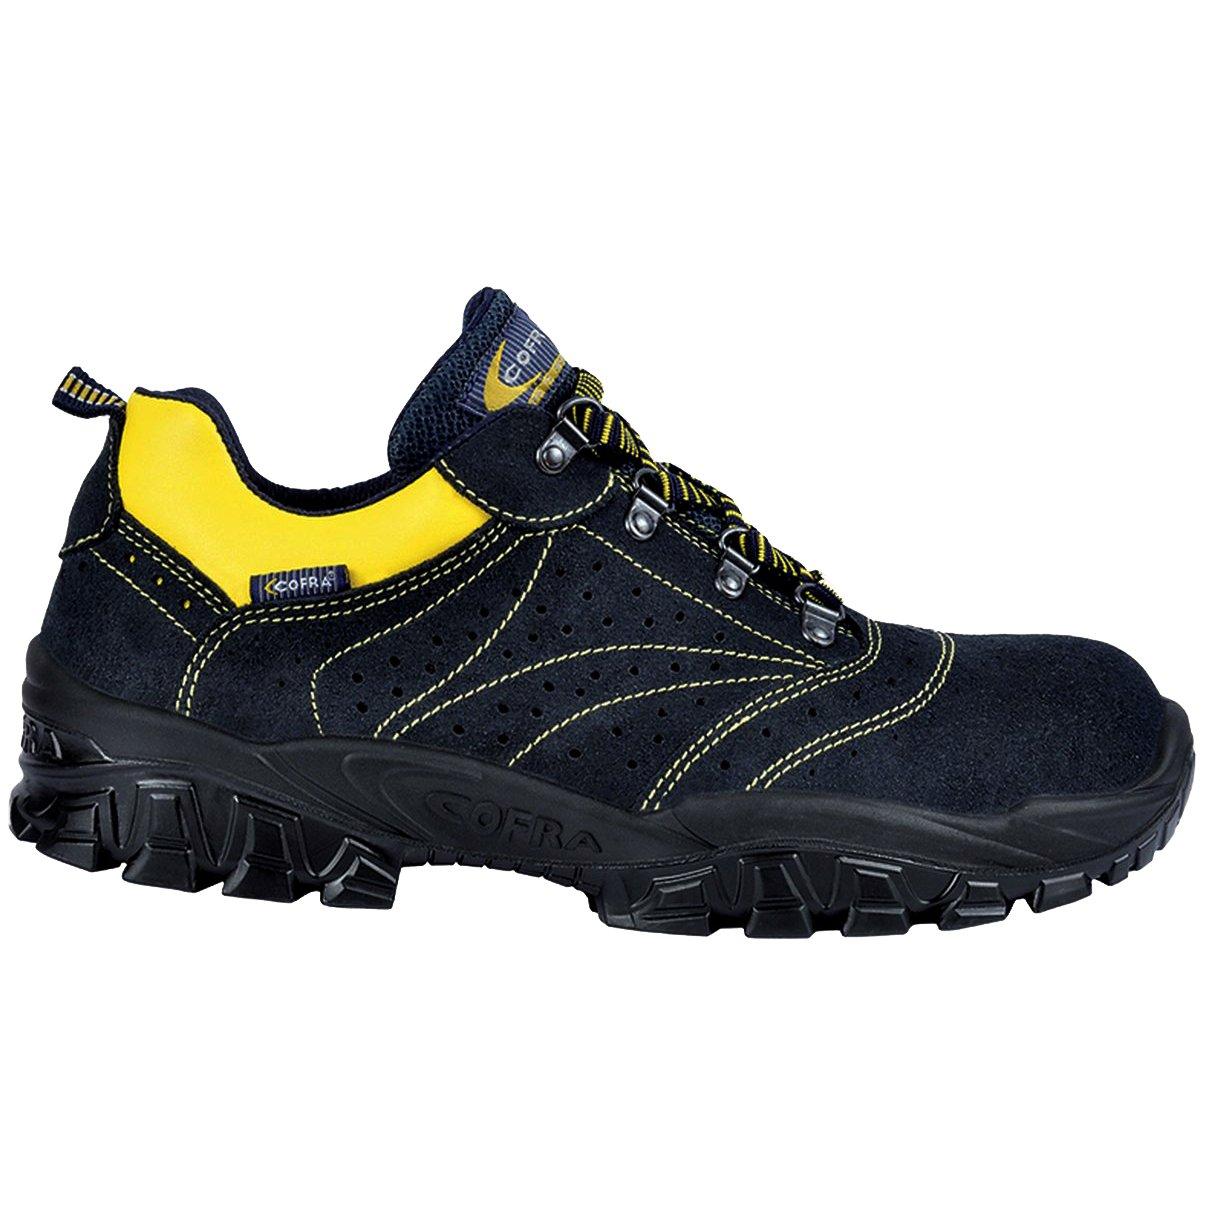 Cofra nt100/ /000.w40/Talla 40/s1/P SRC/ /Zapatillas de Seguridad Nueva Arno Color Negro y Amarillo